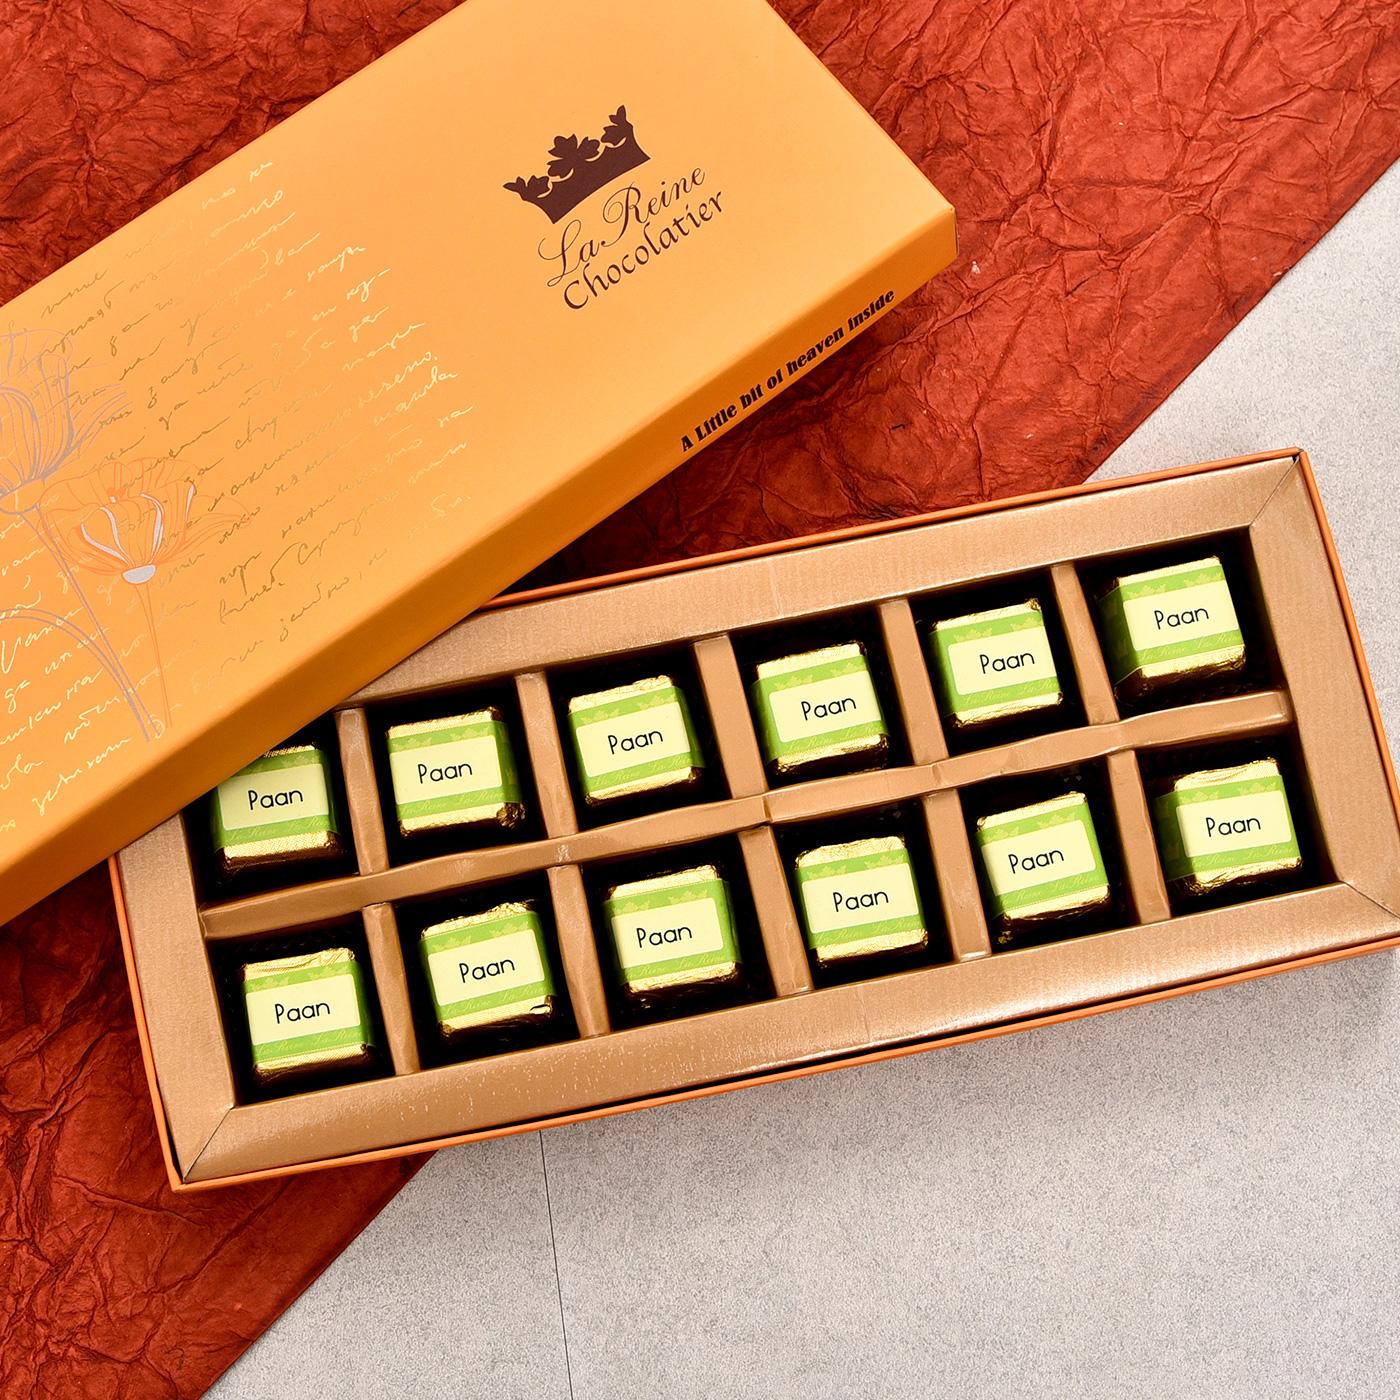 la reine paan flavoured dark chocolates